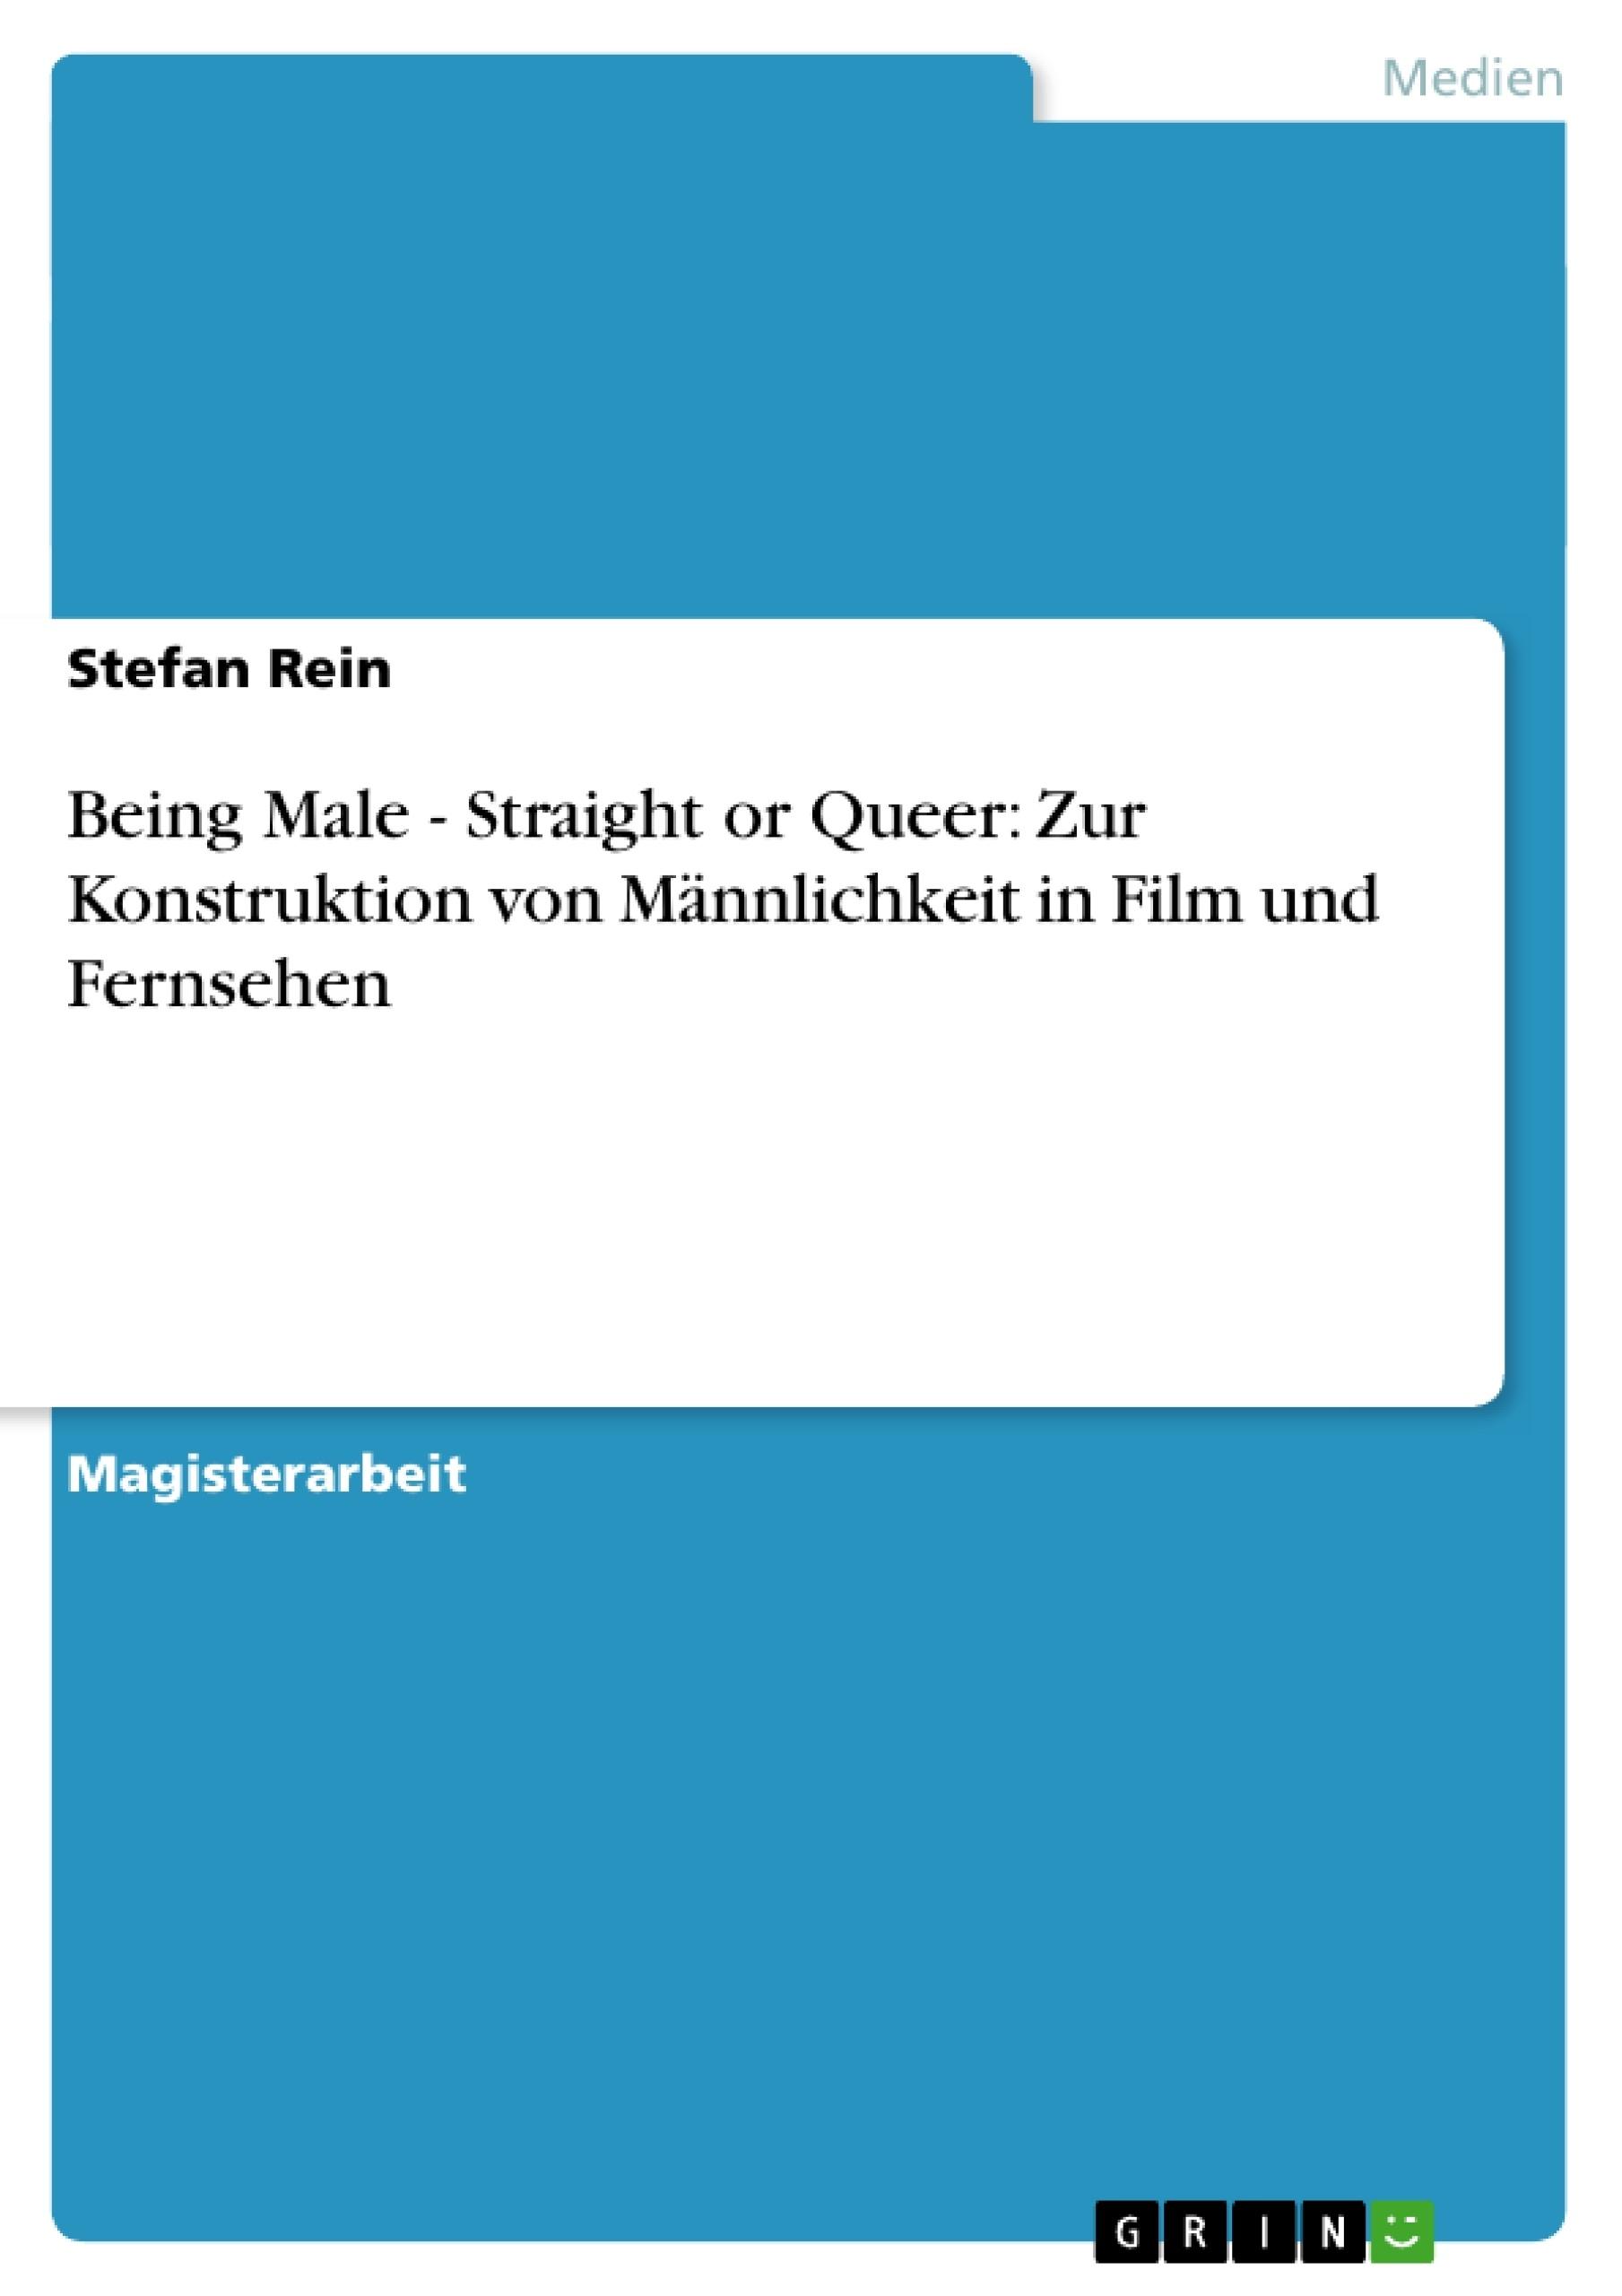 Titel: Being Male - Straight or Queer: Zur Konstruktion von Männlichkeit in Film und Fernsehen